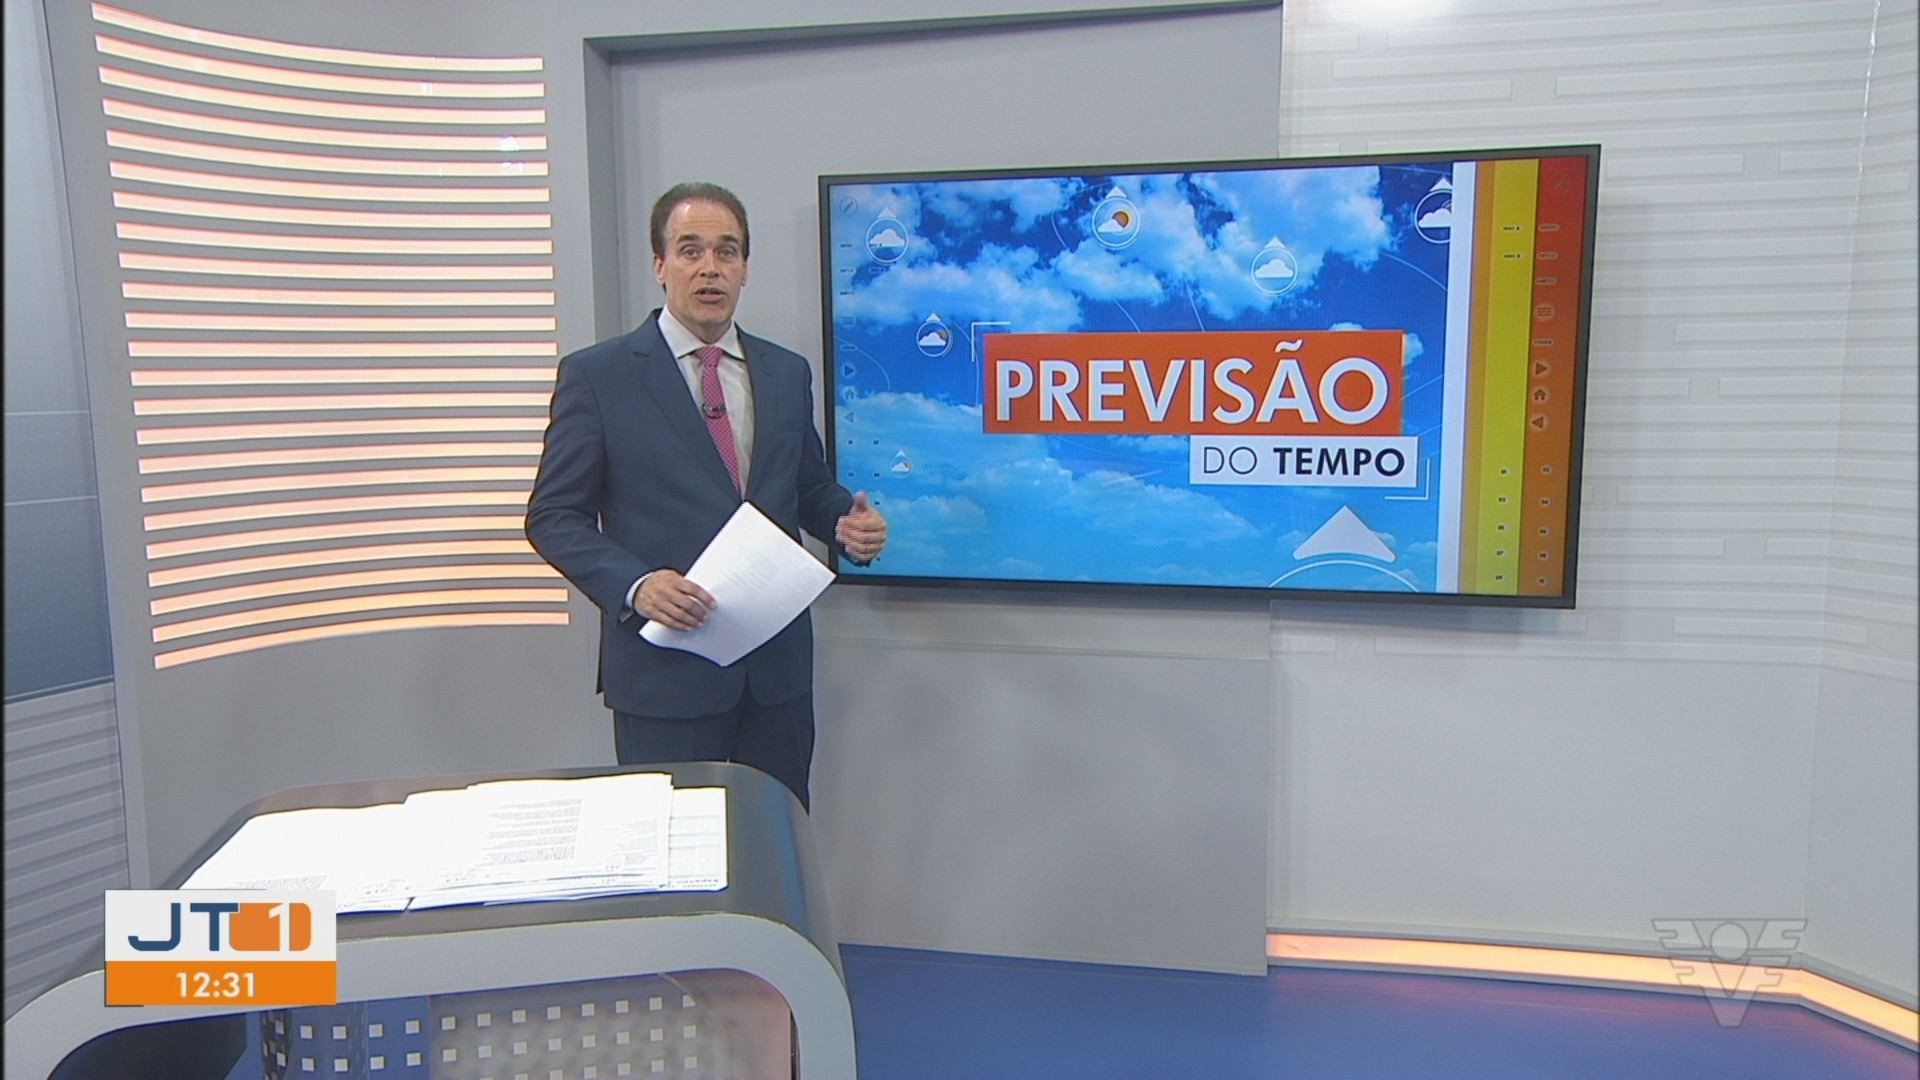 VÍDEOS: Jornal da Tribuna 1ª Edição de sexta-feira, 10 de abril